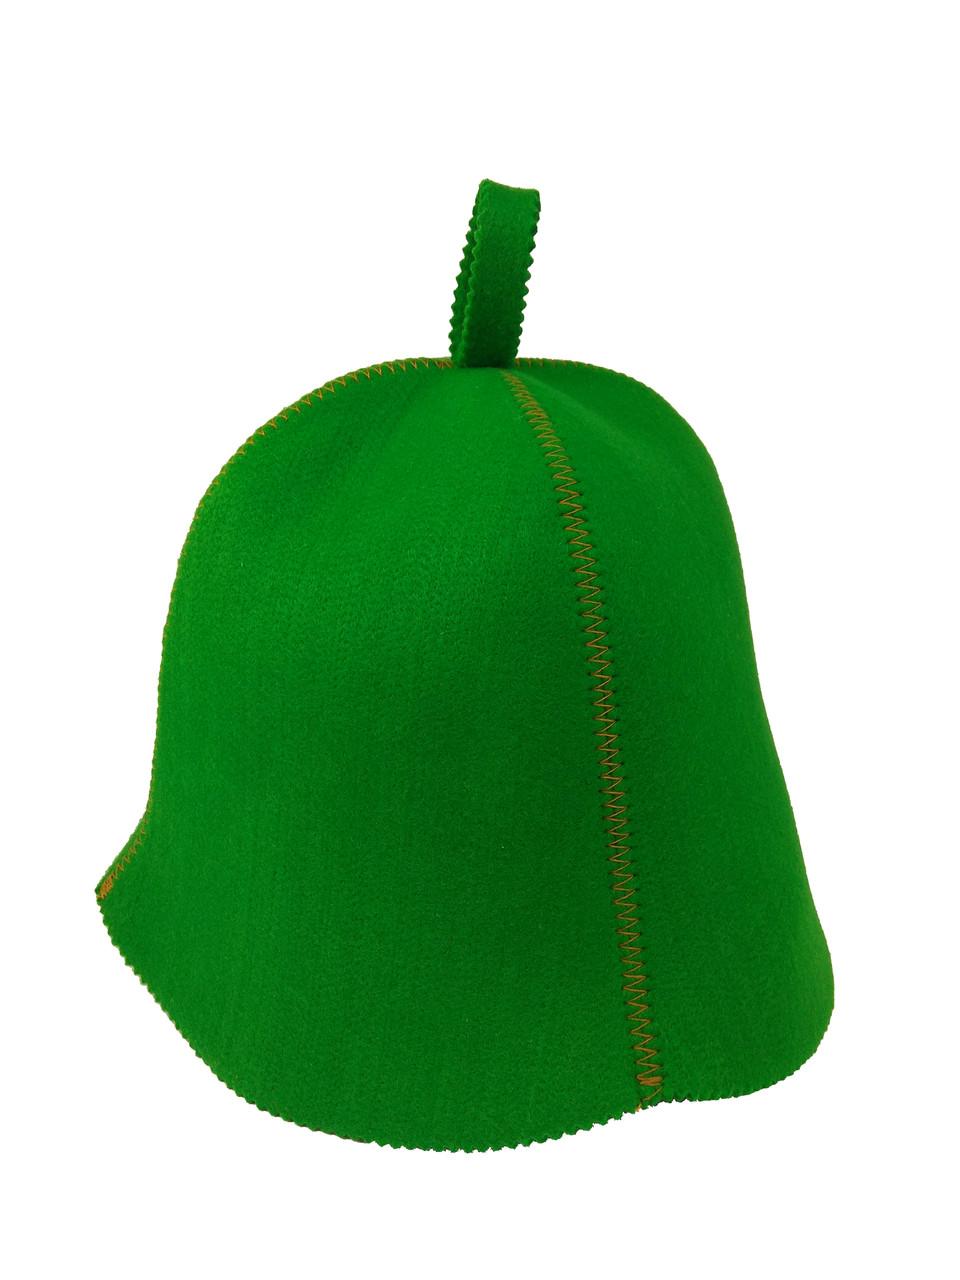 Шапка зелена без вишивки, штучний кольоровий фетр, Saunapro